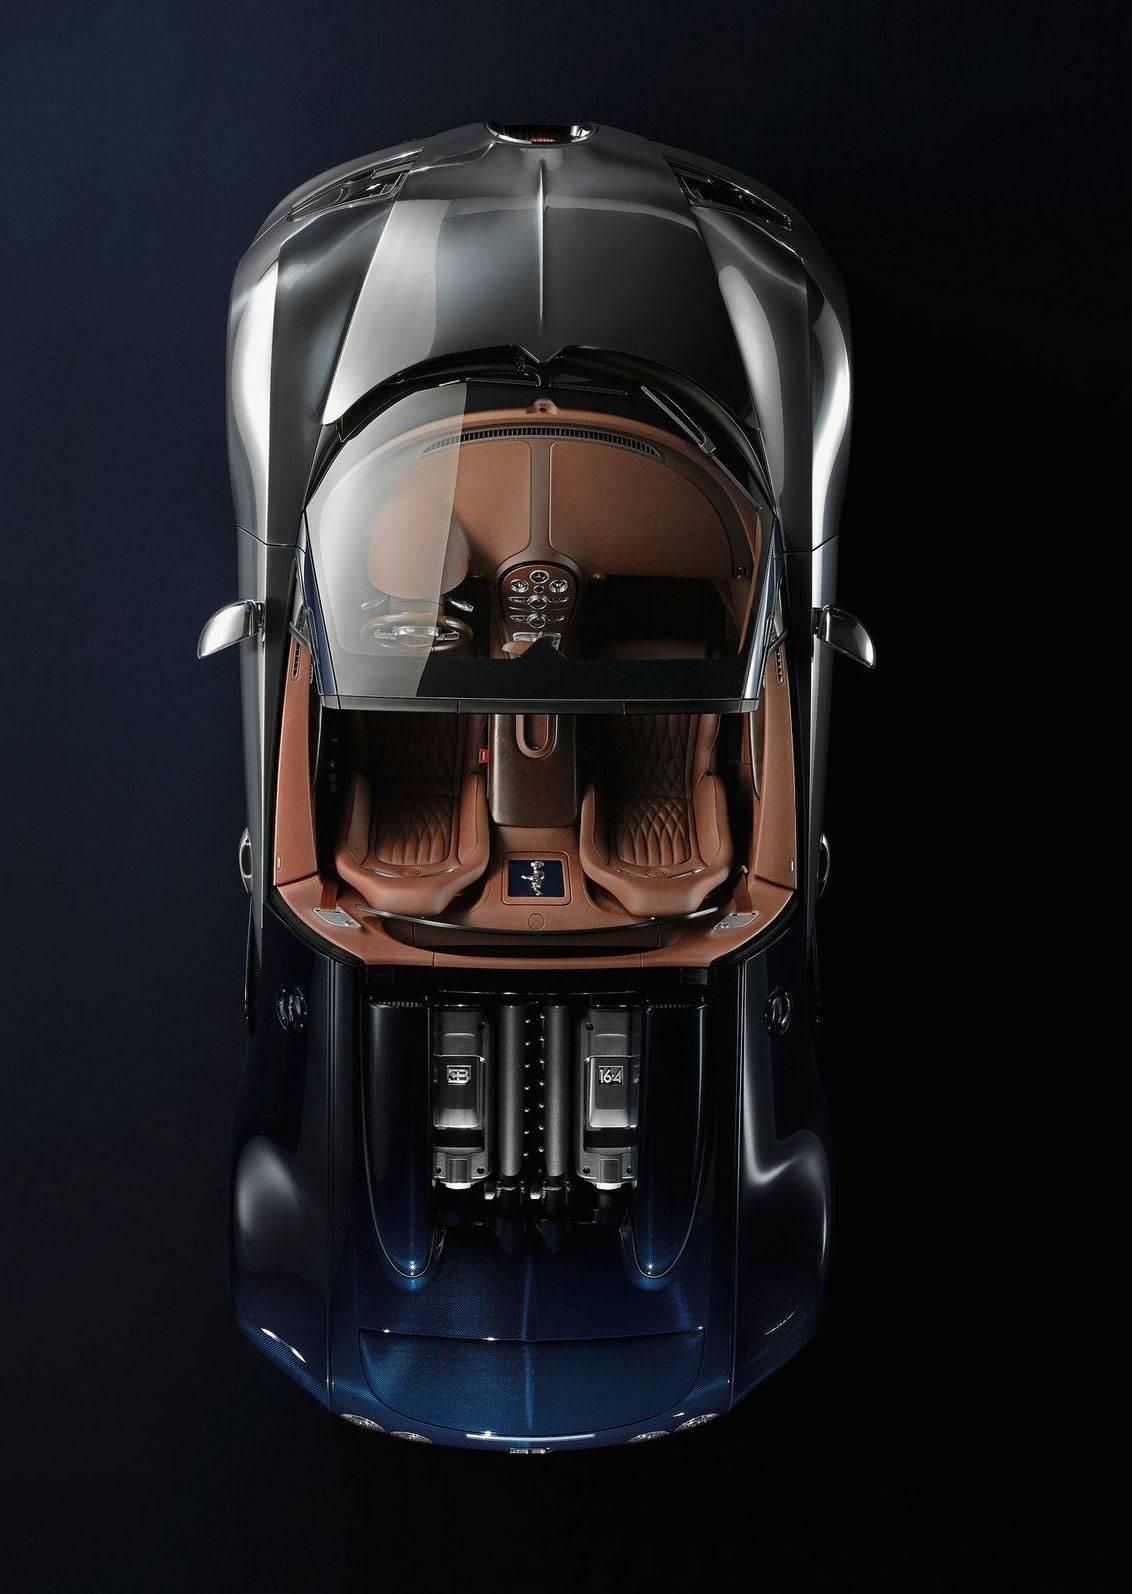 Bugatti Veyron 16.4 Grand Sport Ettore